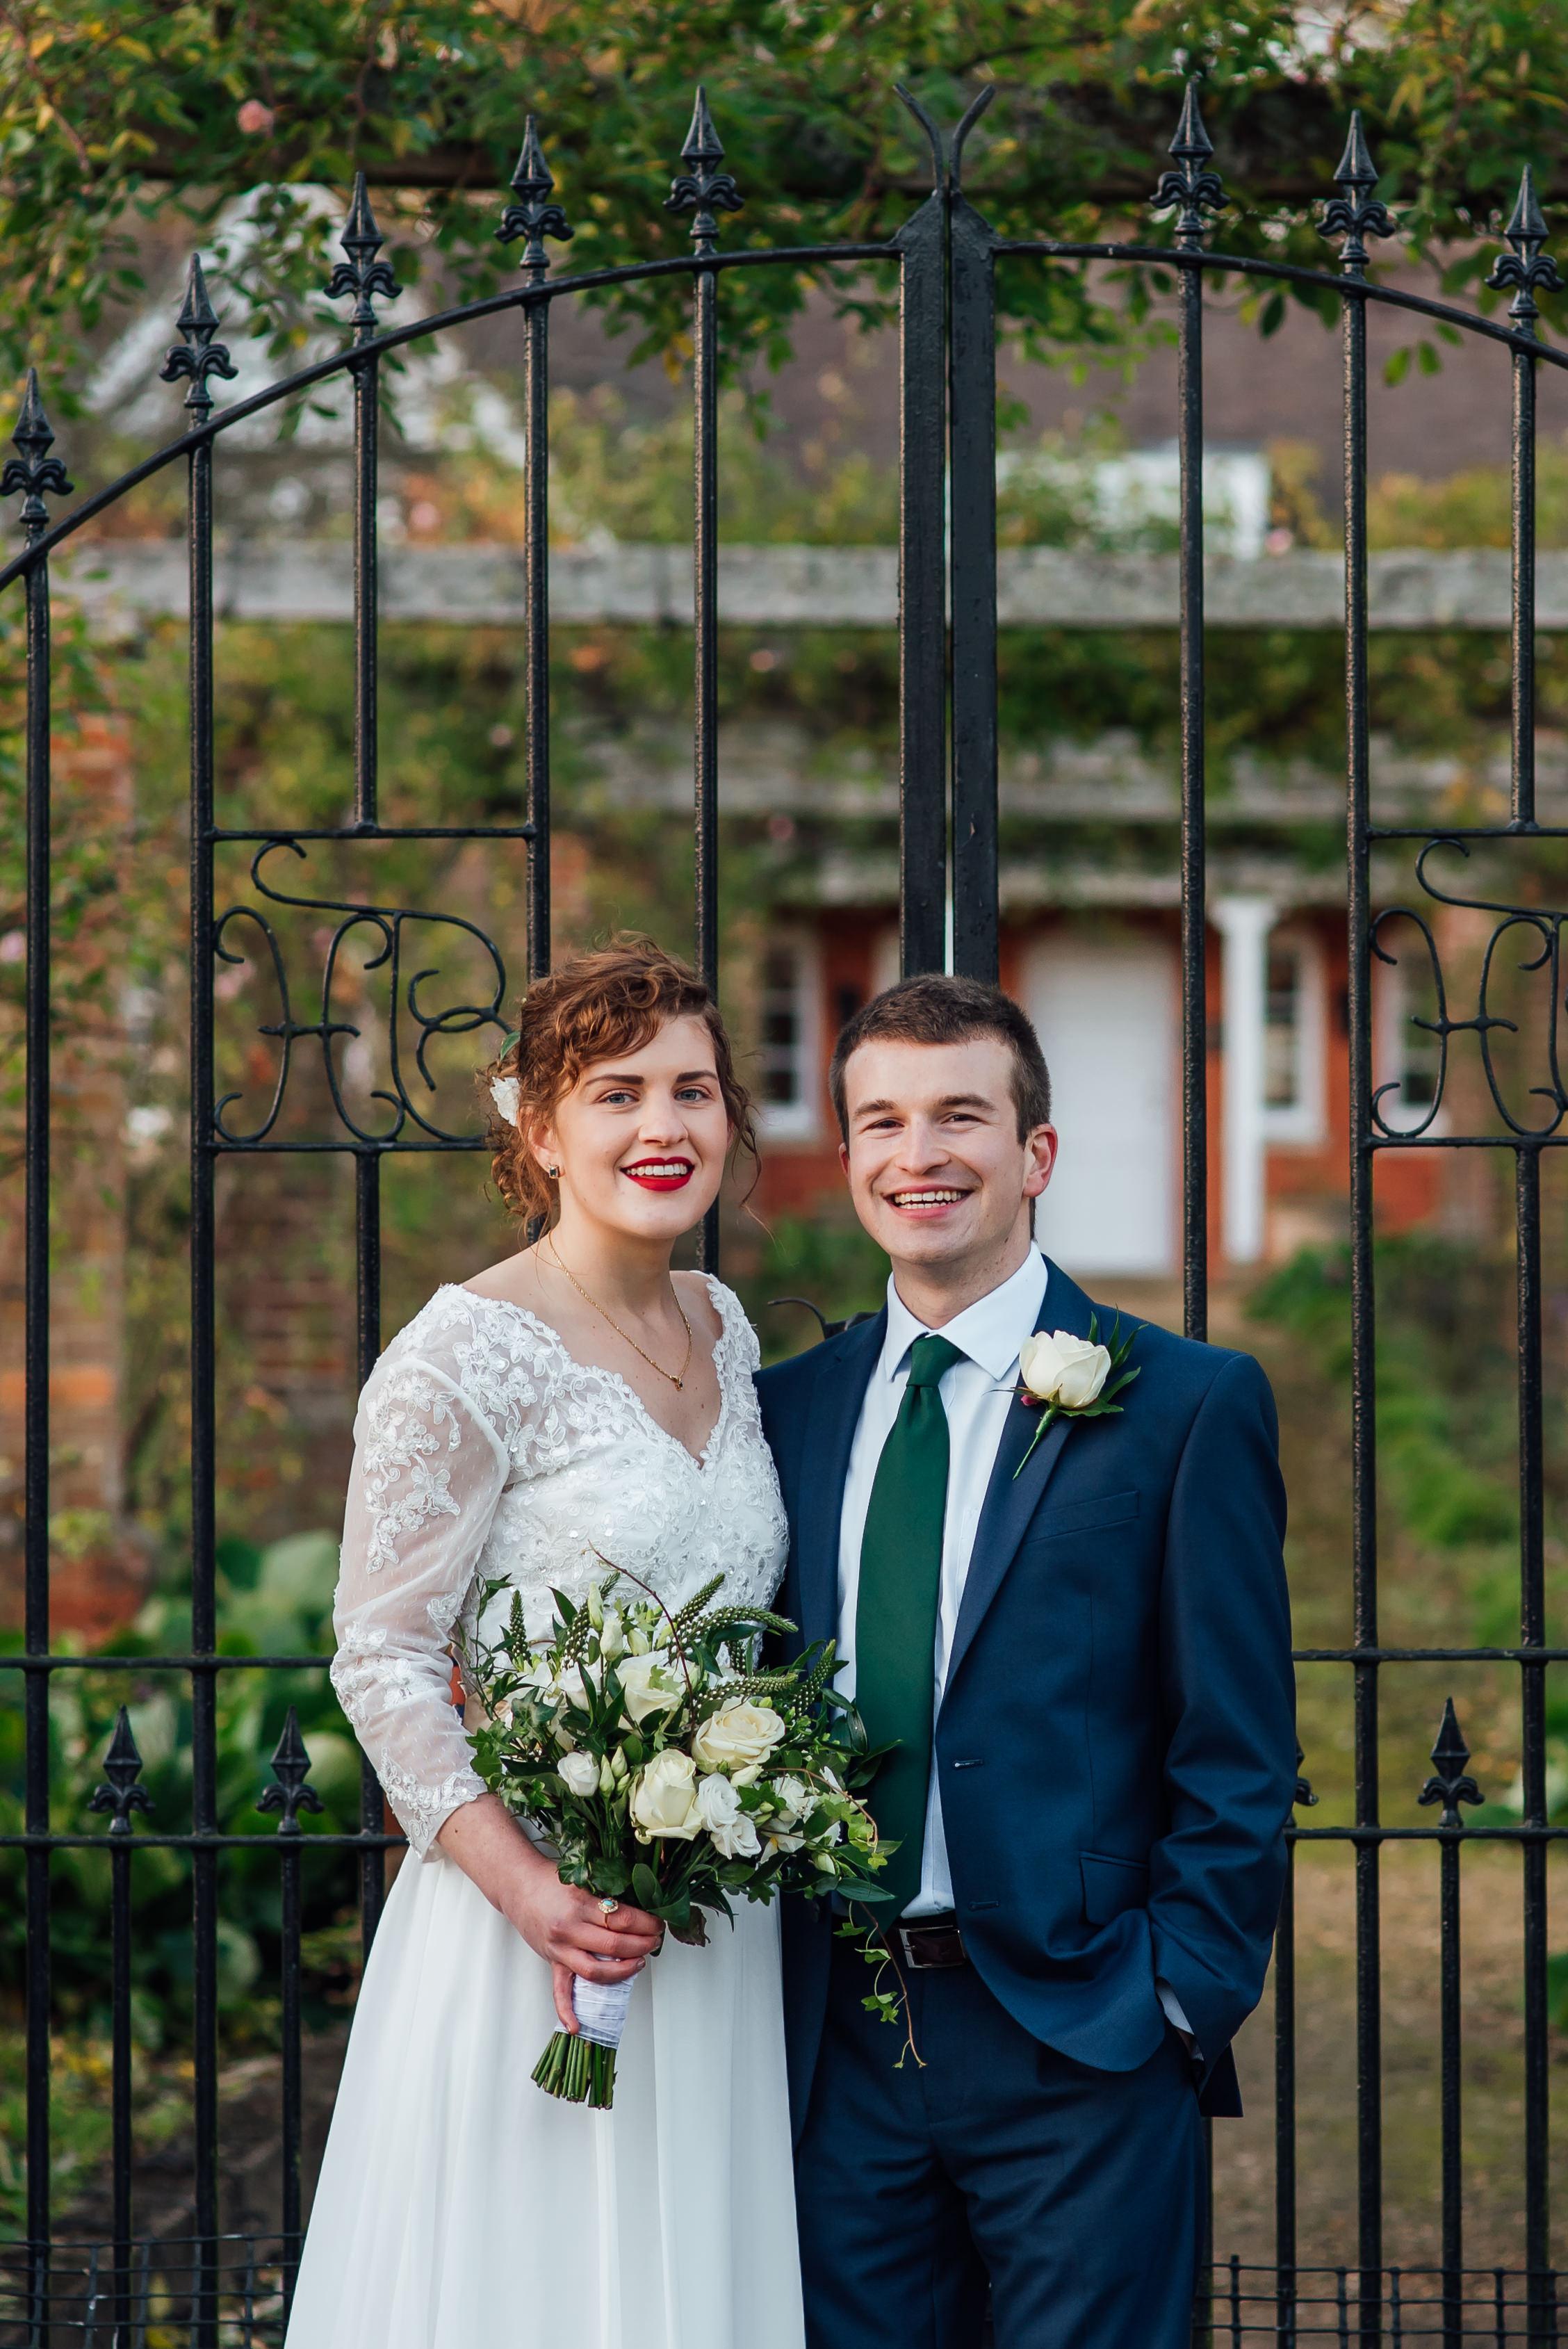 Hampshire-Wedding-Photographer-Hampshire / Tylney-Hall-Wedding / Amy-James-Photography / Tylney-Hall-Wedding-Photographer / Fleet-Wedding-Photographer-Farnbrough / Hook-Hampshire-Wedding-Venue